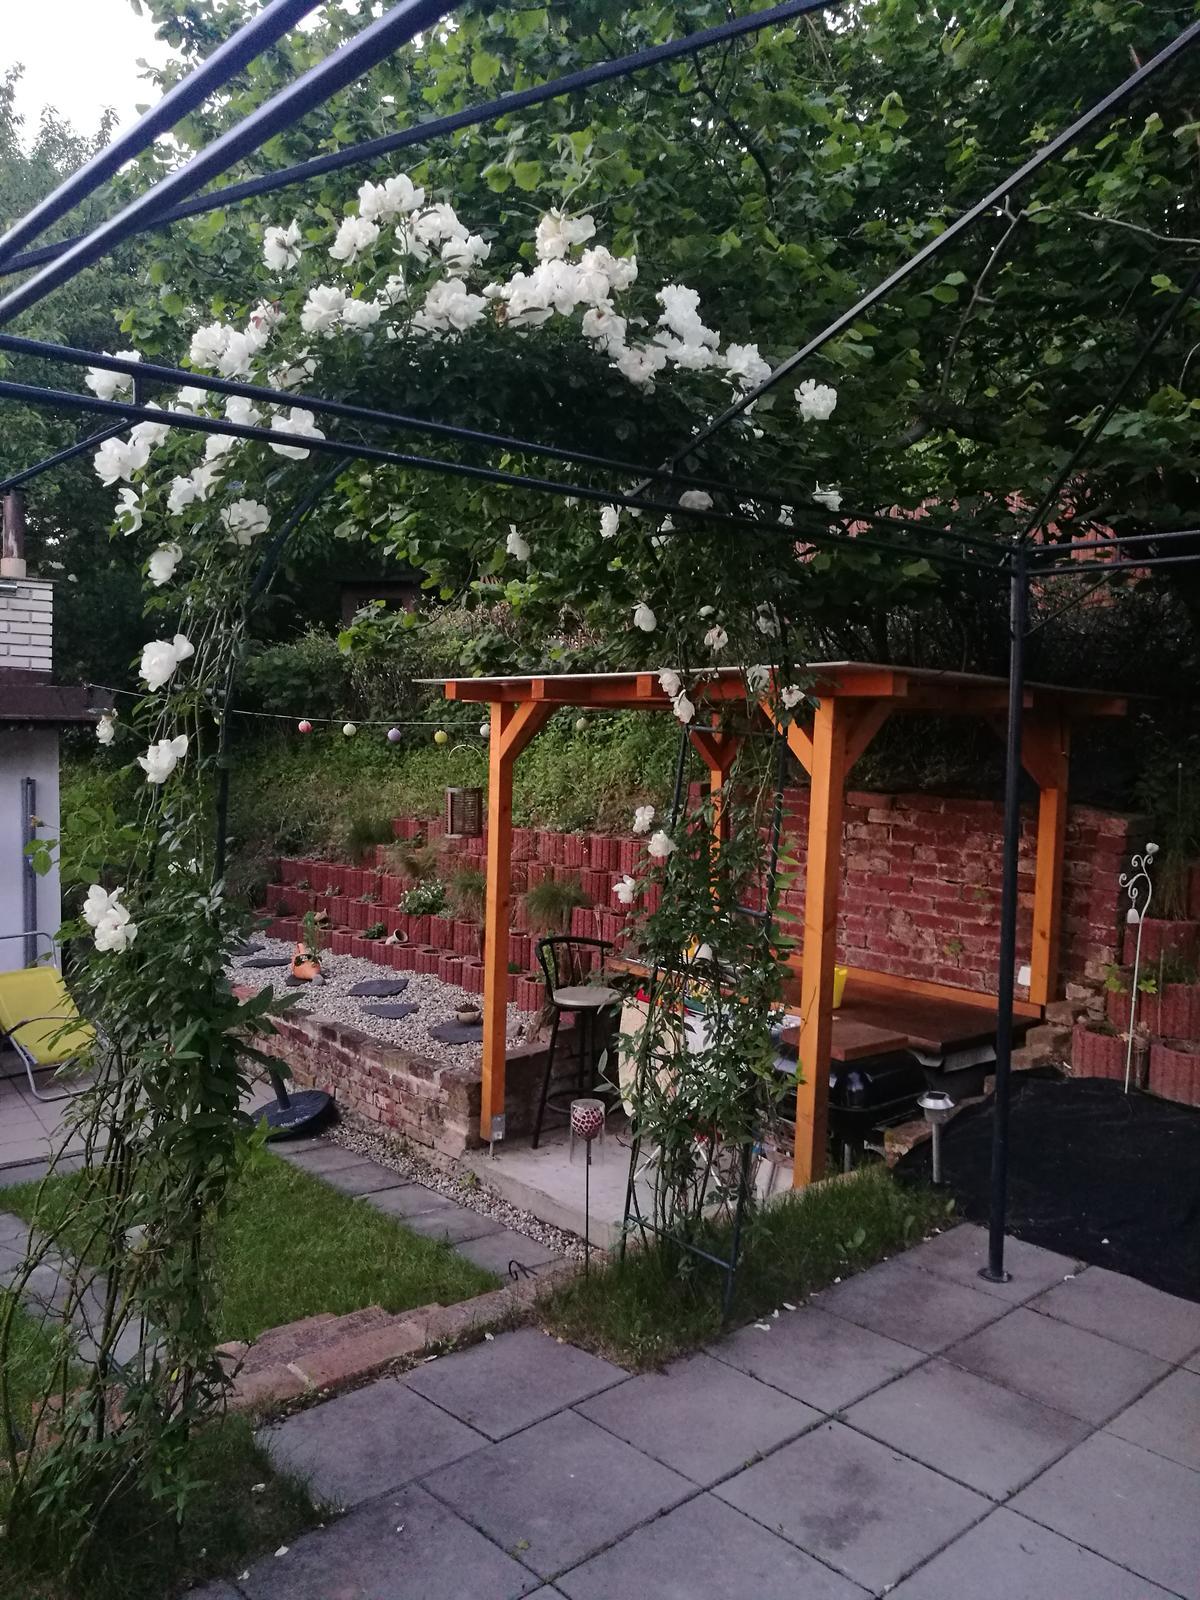 Príbeh našej záhrady/chatky, príp. čo sa mi páči - Oblúk v plnom kvete